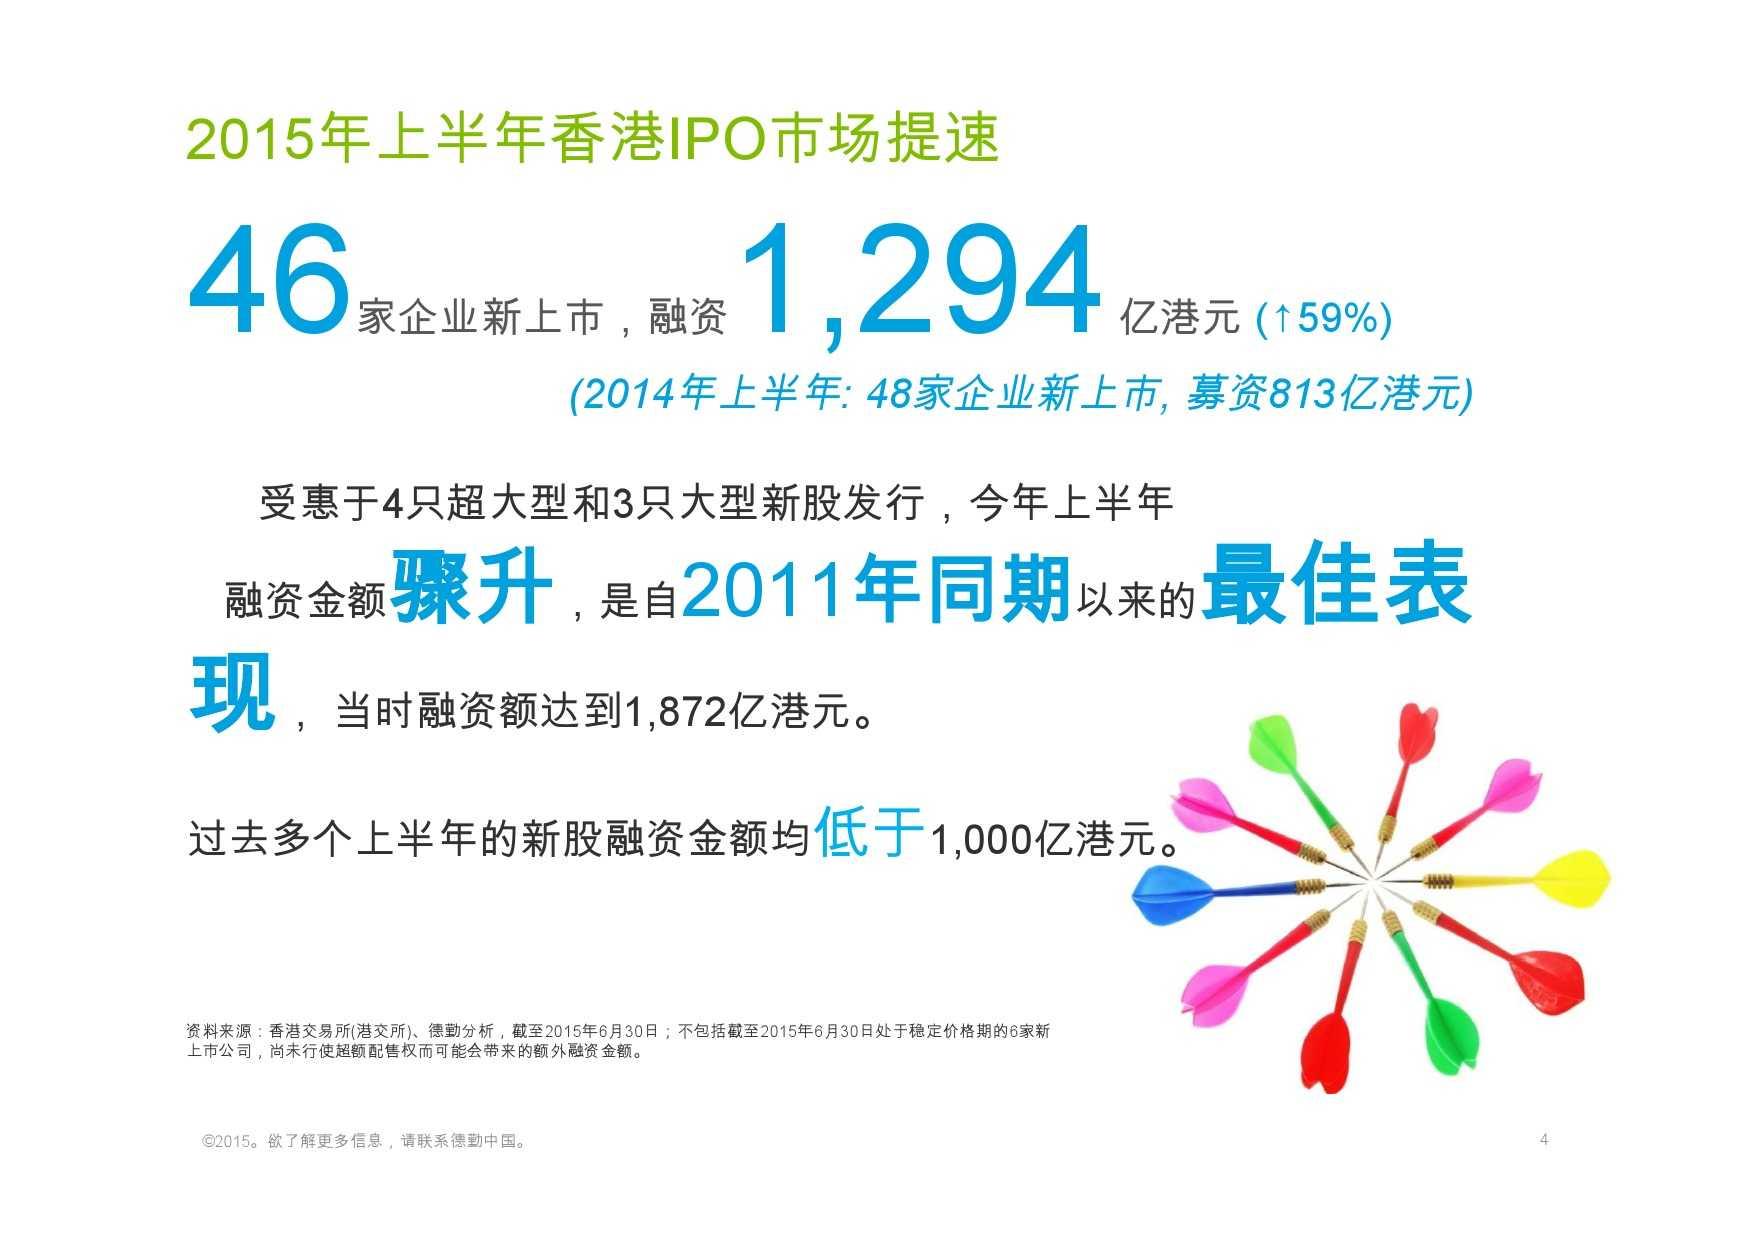 德勤:香港及中国大陆IPO巿场2015年回顾与2016年展望_000004